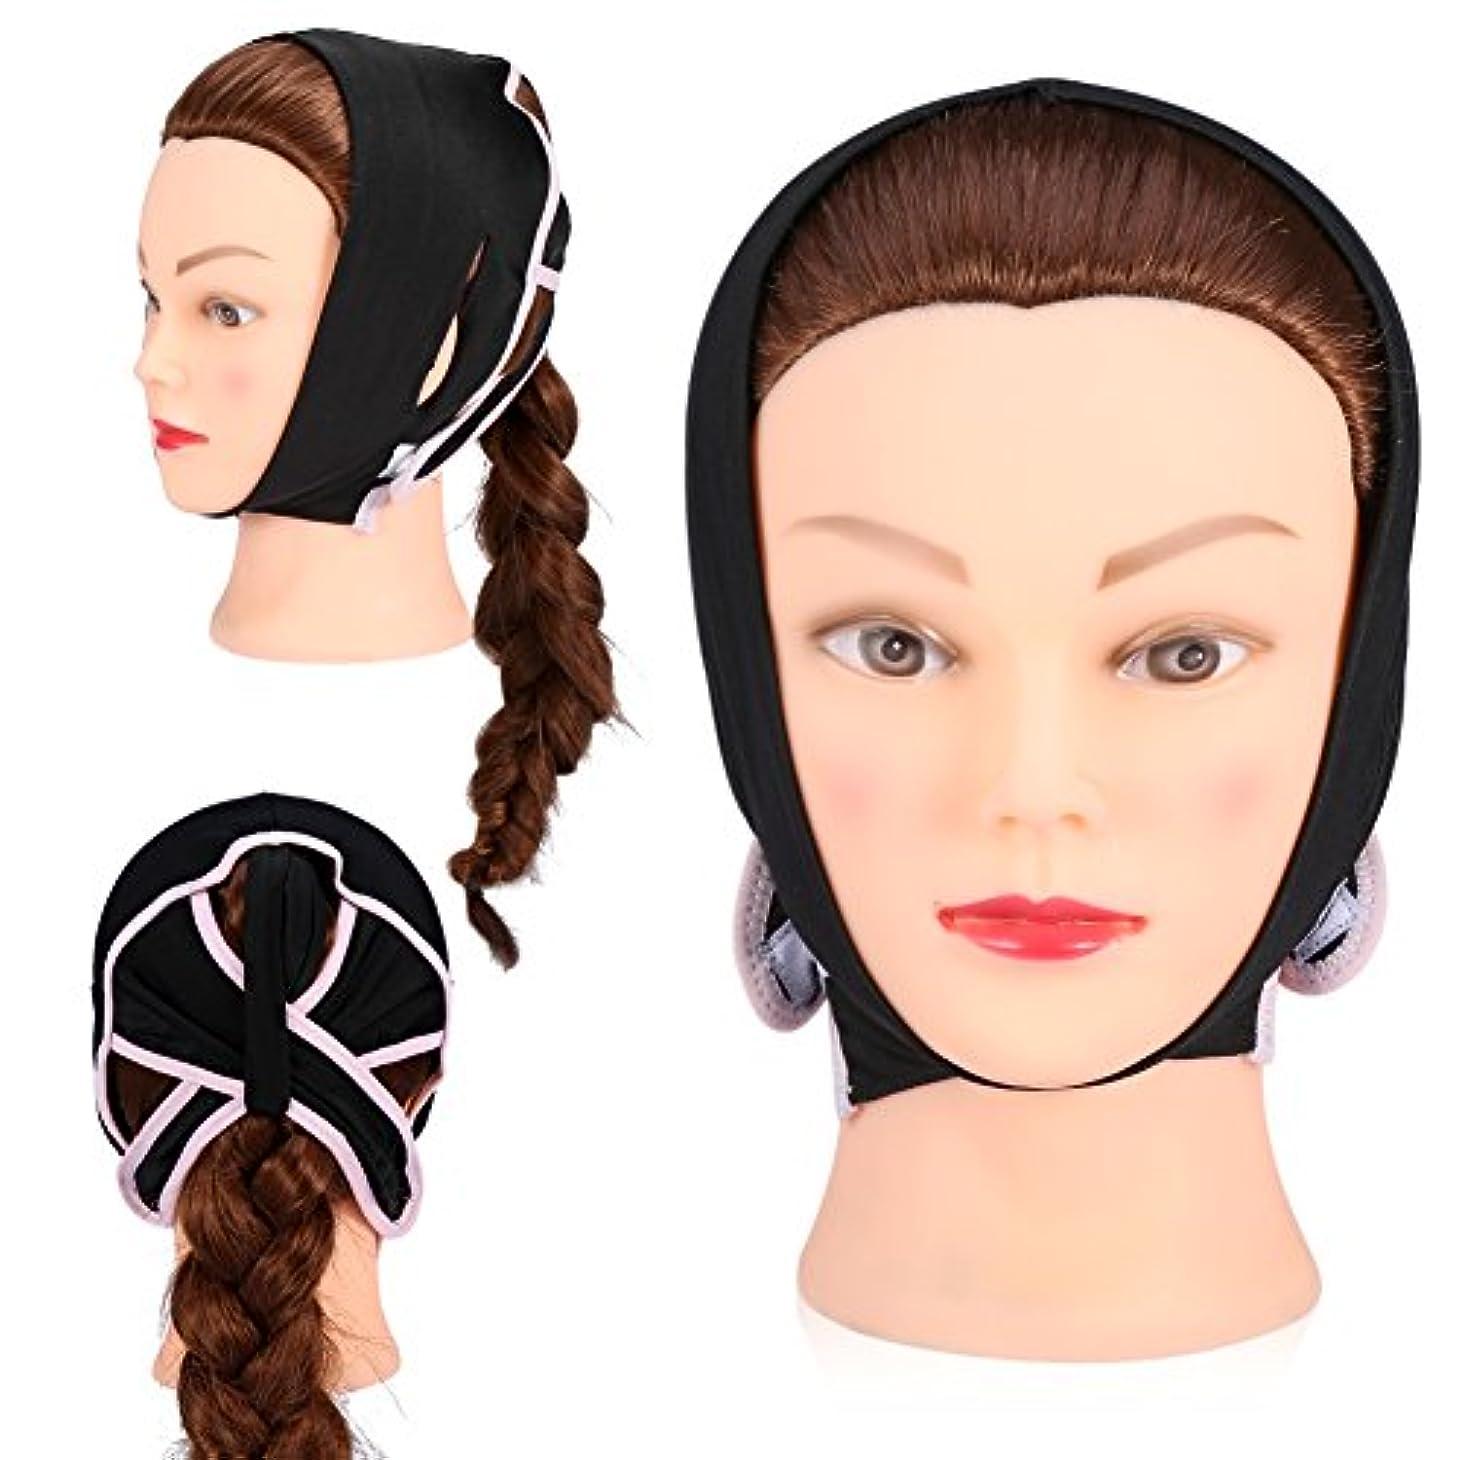 かけがえのない入口ジャンプするフェイスケアのための顔面V字型包帯フェイシャルスリミングマスク薄い首のフェイスリフトダブルチン女性用、黒(L)